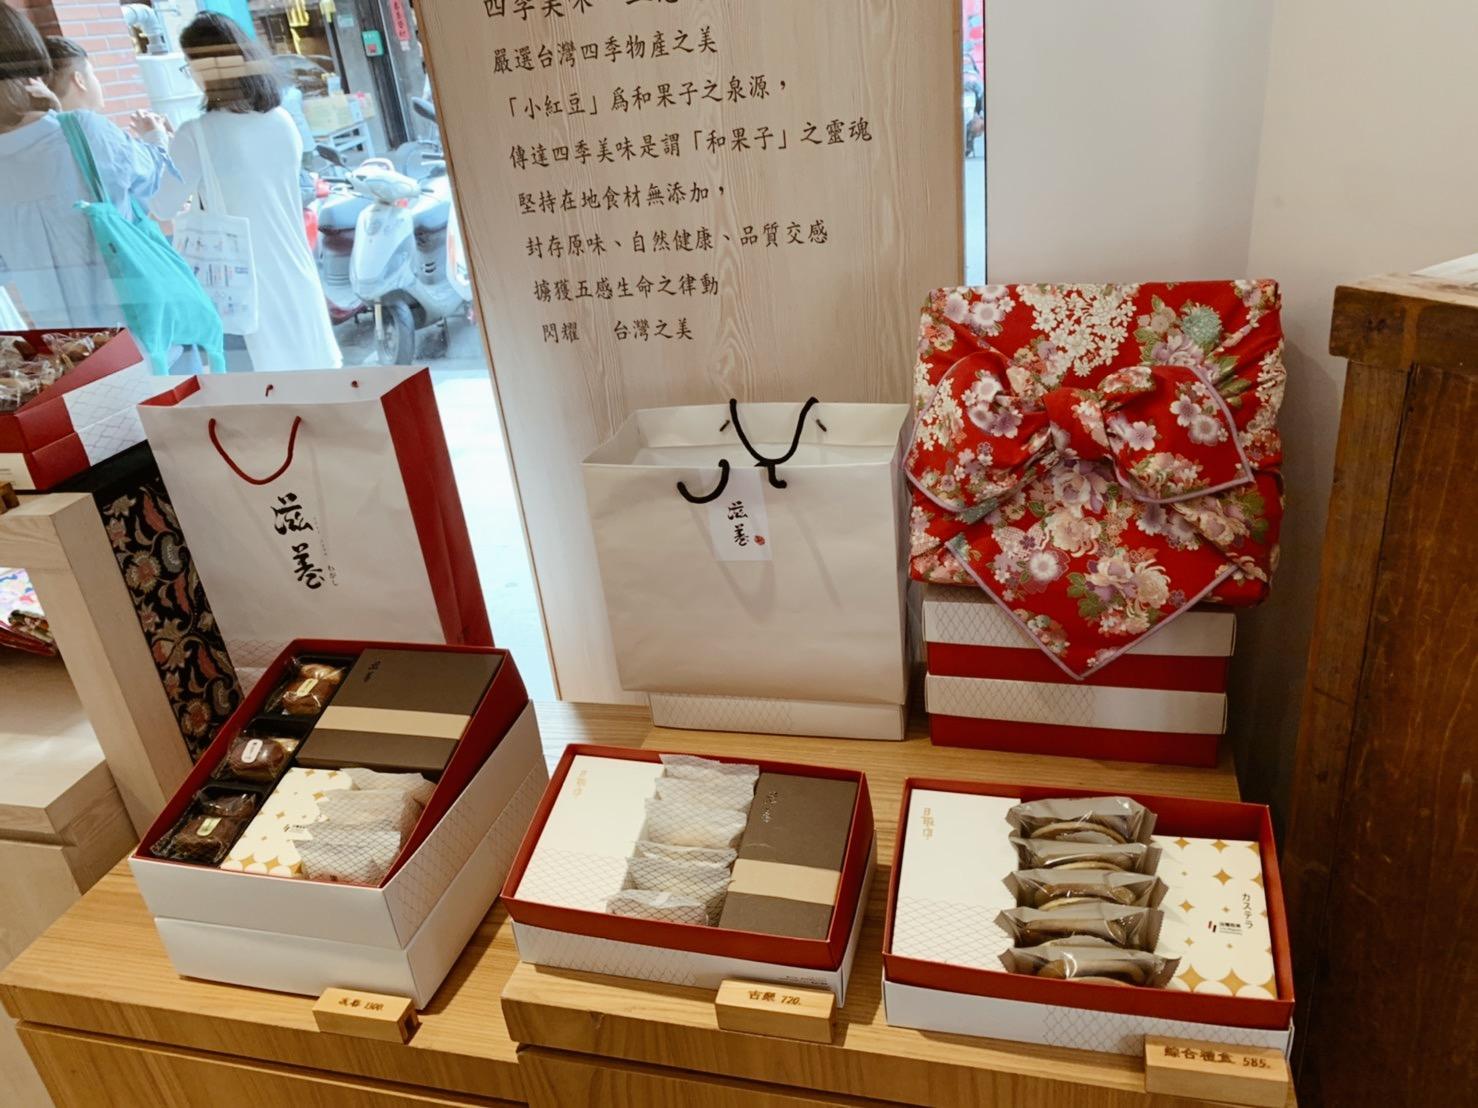 《台北》お土産選びにおすすめのお店3選♪ 一風変わったパイナップルケーキとは?【 #TOKYOPANDA のおすすめ台湾情報 】_6